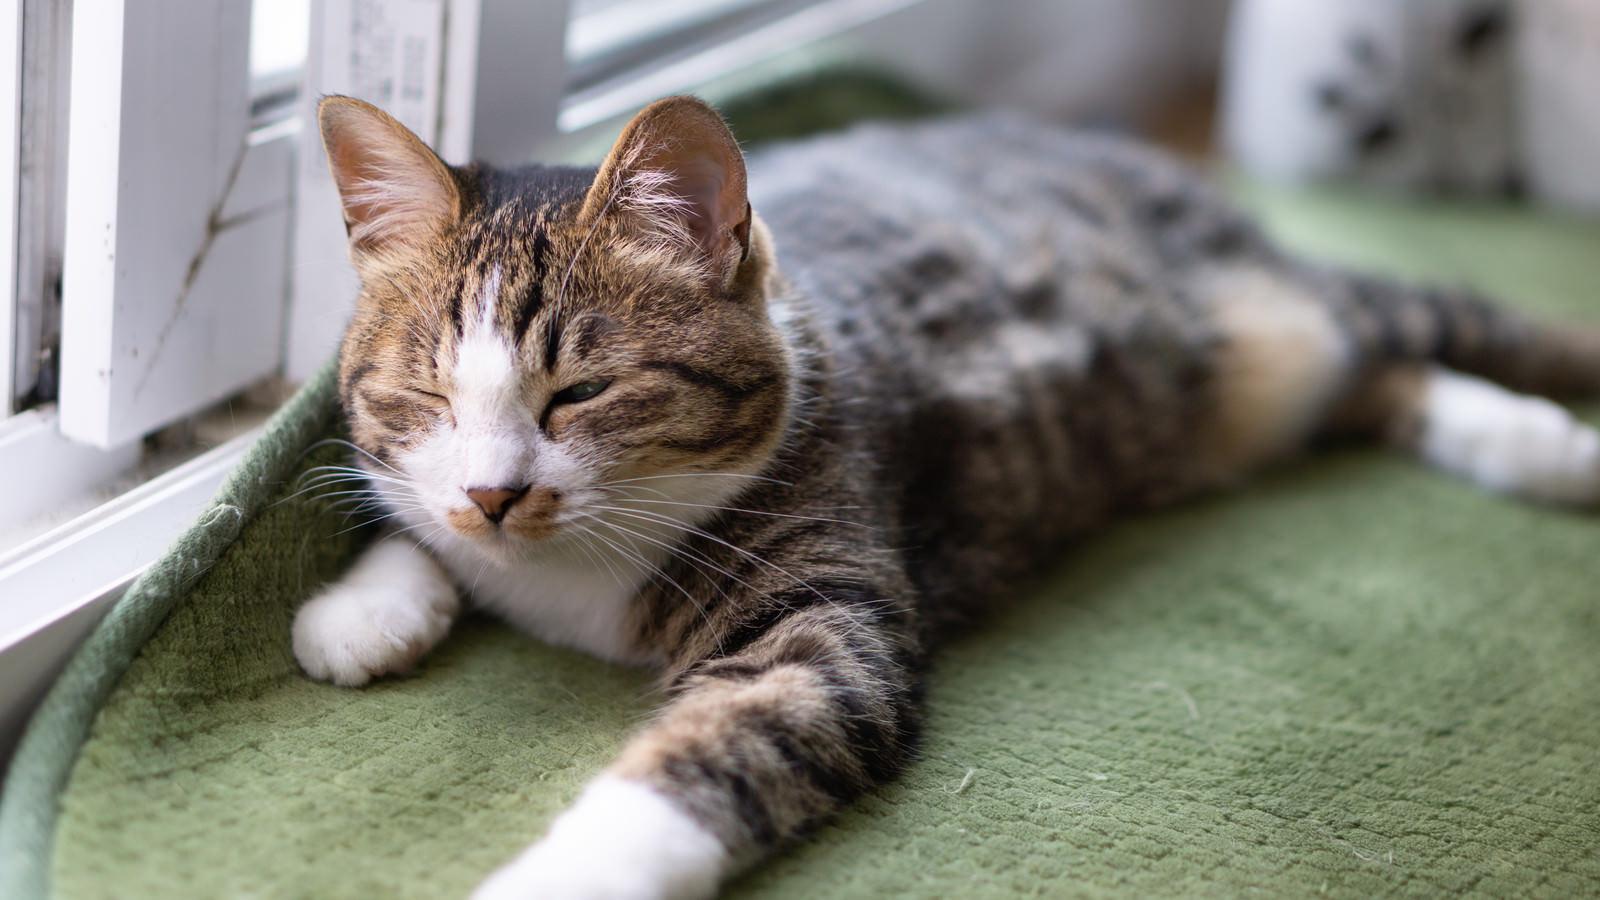 「昼過ぎまで寝てしまい後悔する猫」の写真